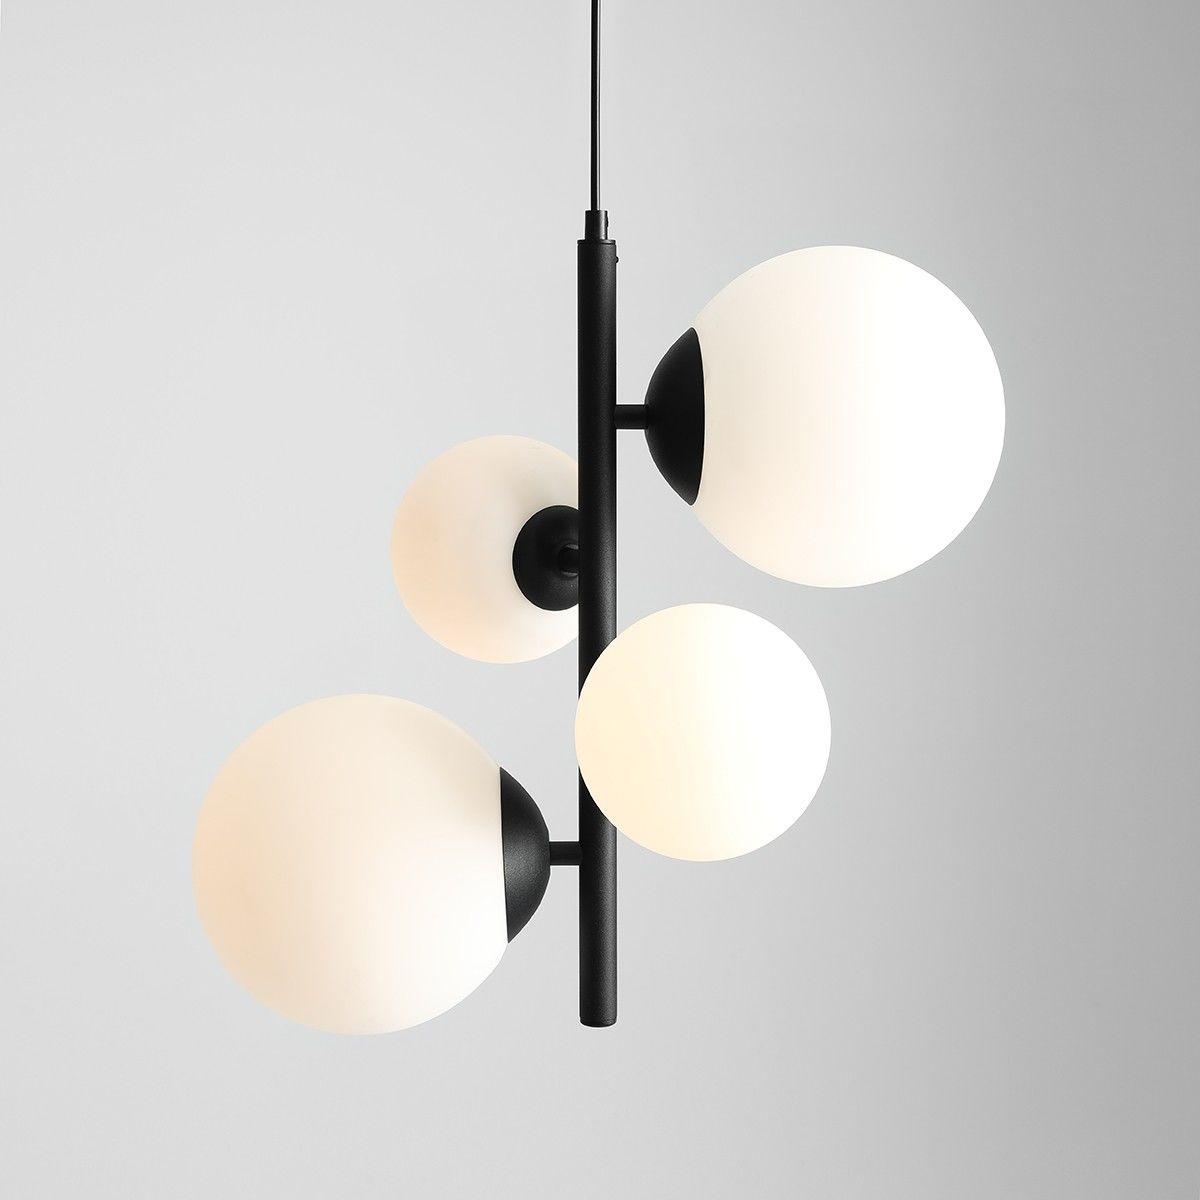 Lampa wisząca Bloom czarna 1091L1 skandynawska szklane klosze - Aldex // Rabaty w koszyku i darmowa dostawa od 299zł !